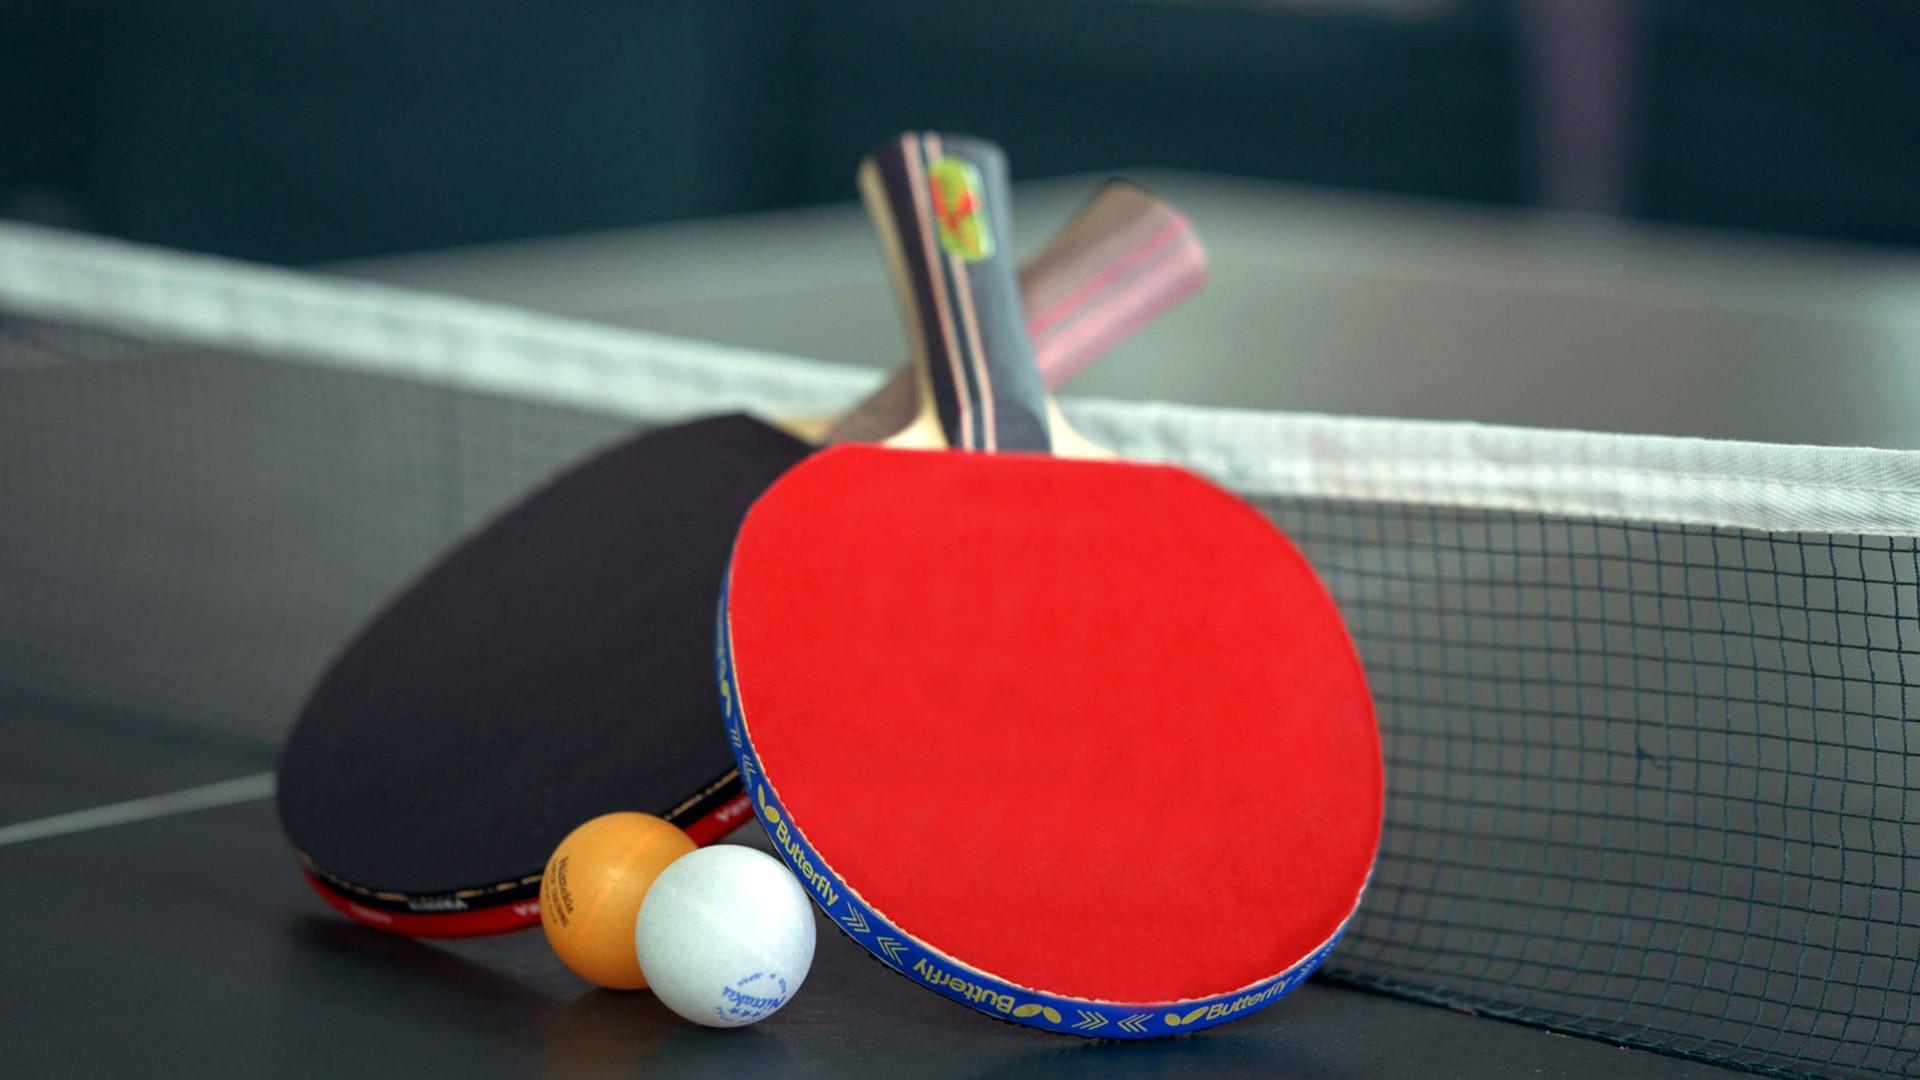 Данияр Абулгазин поздравил казахстанских любителей настольного тенниса